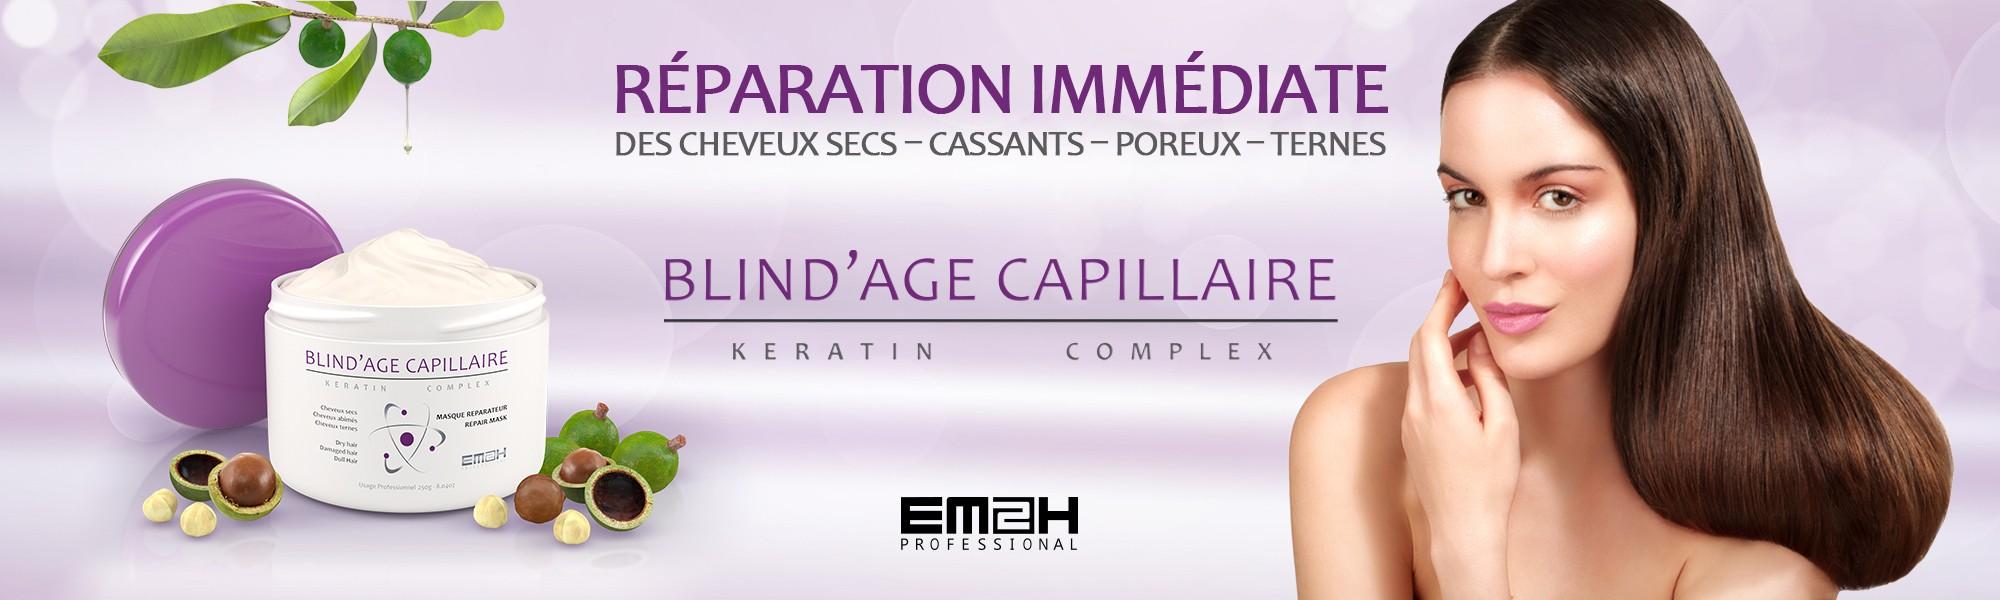 visuel pour lumibeauty produits em2h blind'age capillaire